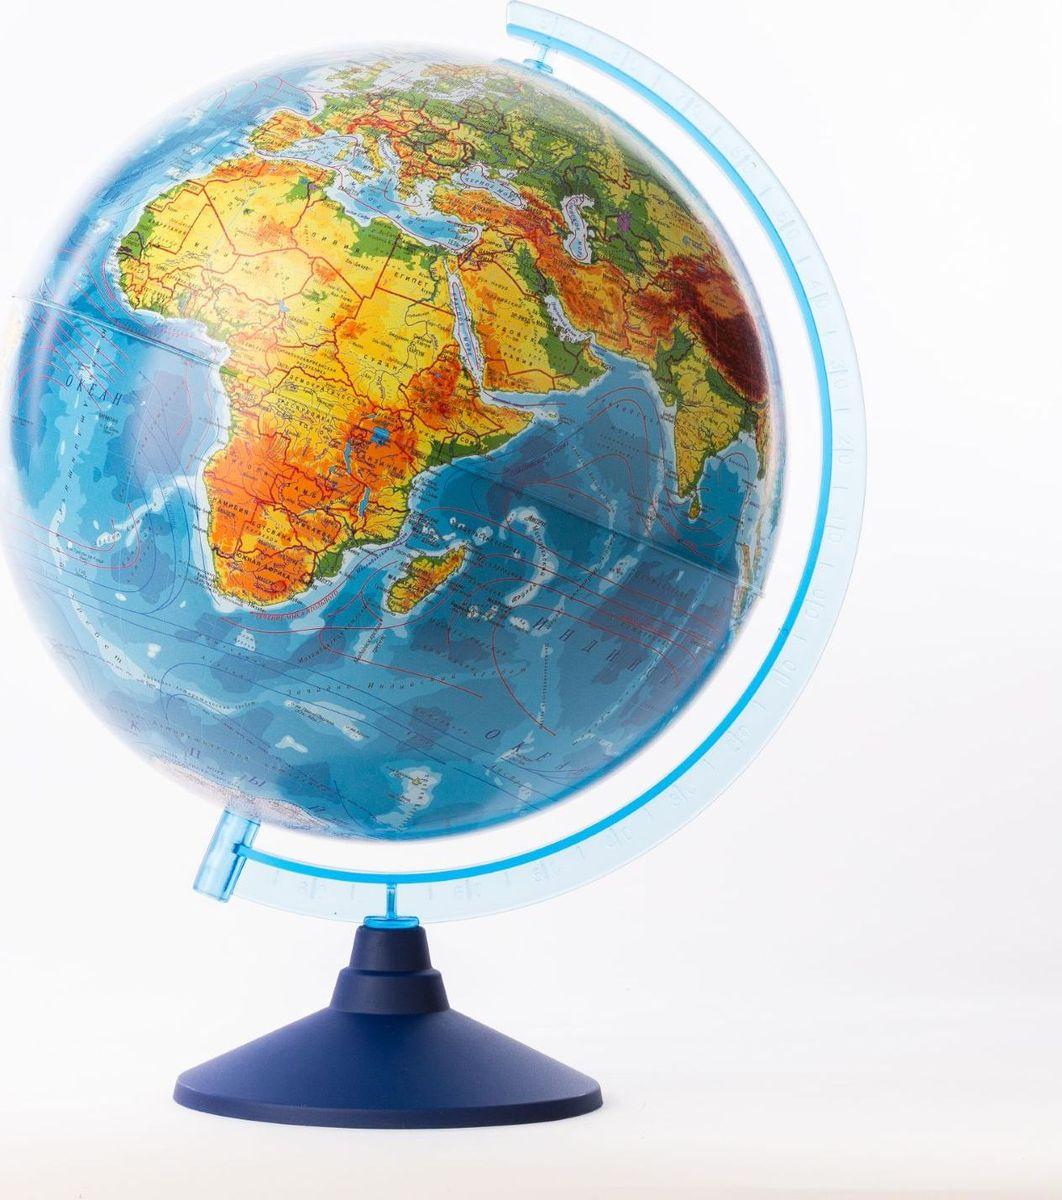 Глобен Глобус физический Классик Евро диаметр 32 см1259373Глобус для всех, глобус каждому!Глобус — самый простой способ привить ребенку любовь к географии. Он является отличным наглядным примером, который способен в игровой доступной и понятной форме объяснить понятия о планете Земля.Также интерес к глобусам проявляют не только детки, но и взрослые. Для многих уменьшенная копия планеты заменяет атлас мира из-за своей доступности и универсальности.Умный подарок! Кому принято дарить глобусы? Всем! Глобус физический диаметр 320мм Классик Евро — это уменьшенная копия земного шара, в которой каждый найдет для себя что-то свое.путешественники и заядлые туристы смогут отмечать с помощью стикеров те места, в которых побывали или собираются их посетитьделовые и успешные люди оценят такой подарок по достоинству, потому что глобус ассоциируется со статусом и властьюпреподаватели, ученые, студенты или просто неординарные личности также найдут для глобуса достойное место в своем доме.Итак, спешите заказать настольные глобусы в нашем интернет-магазине по привлекательным ценам, и помните, кто владеет глобусом, тот владеет миром!